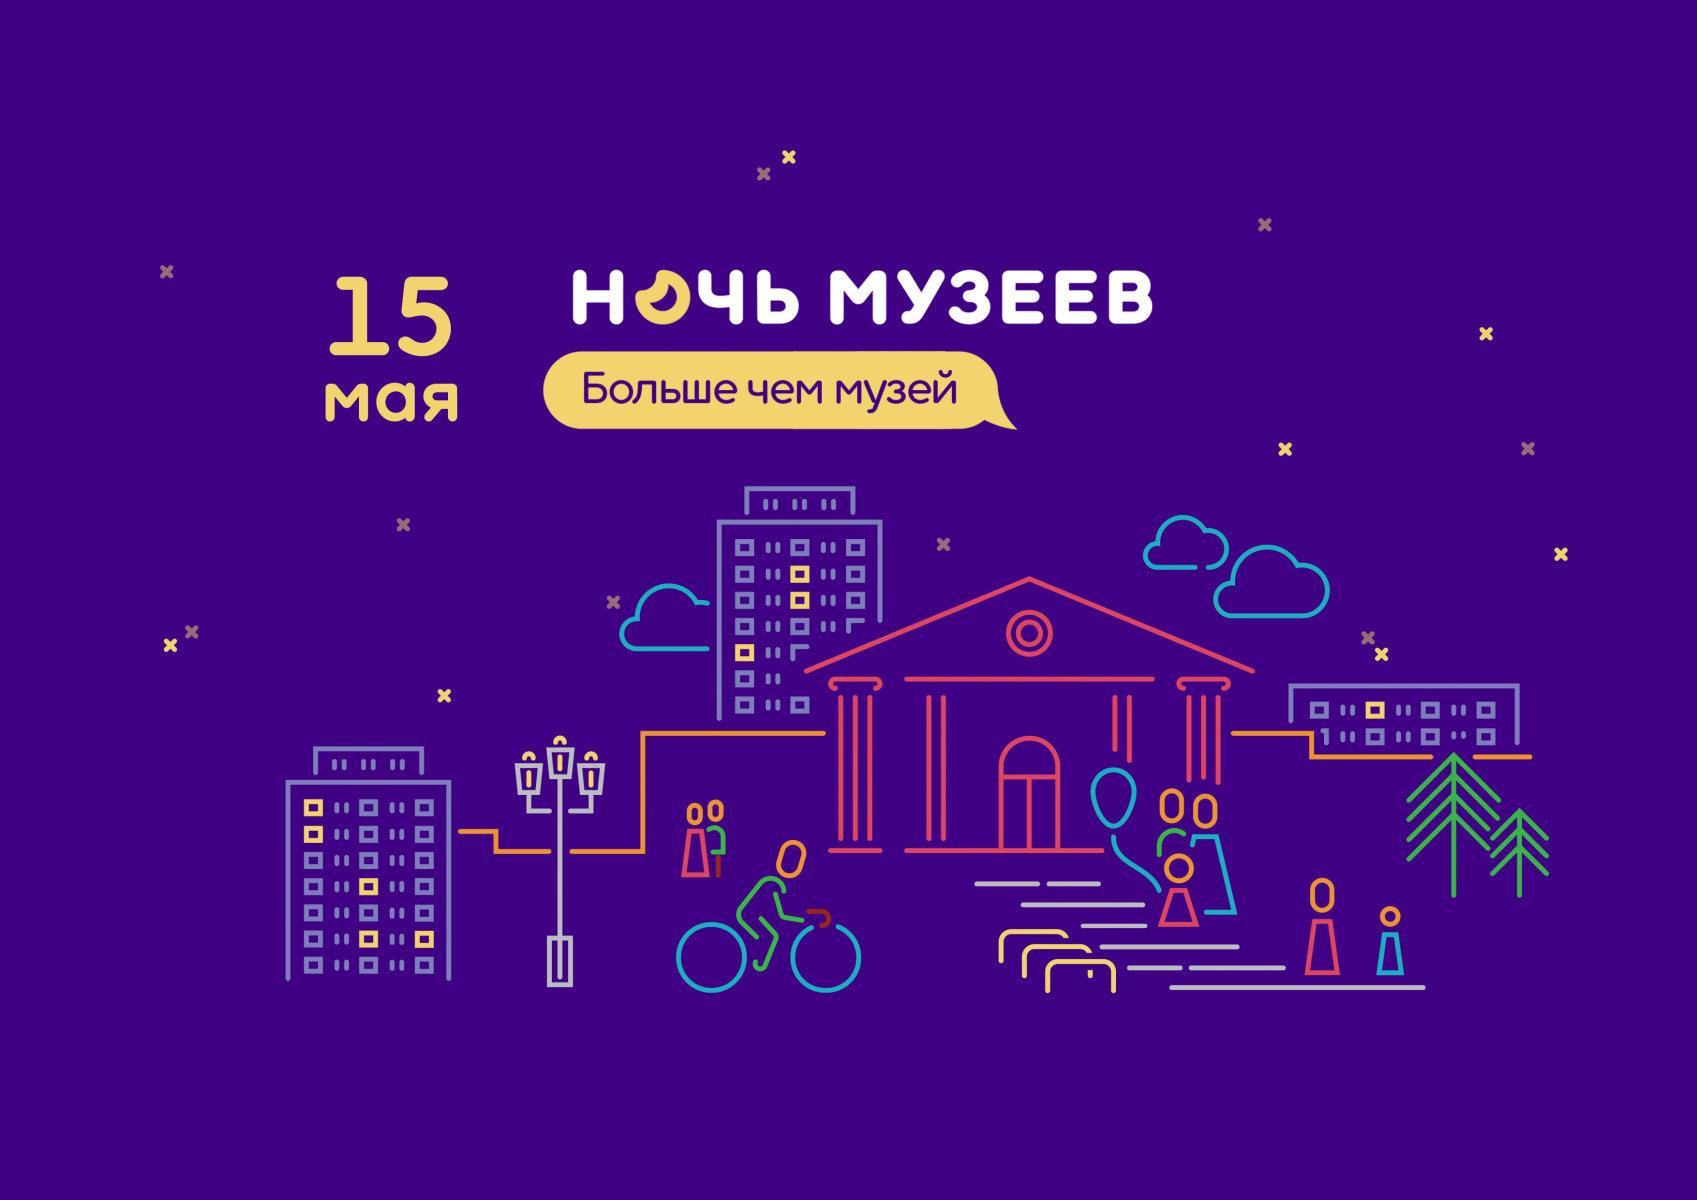 Ночь музеев — 2021